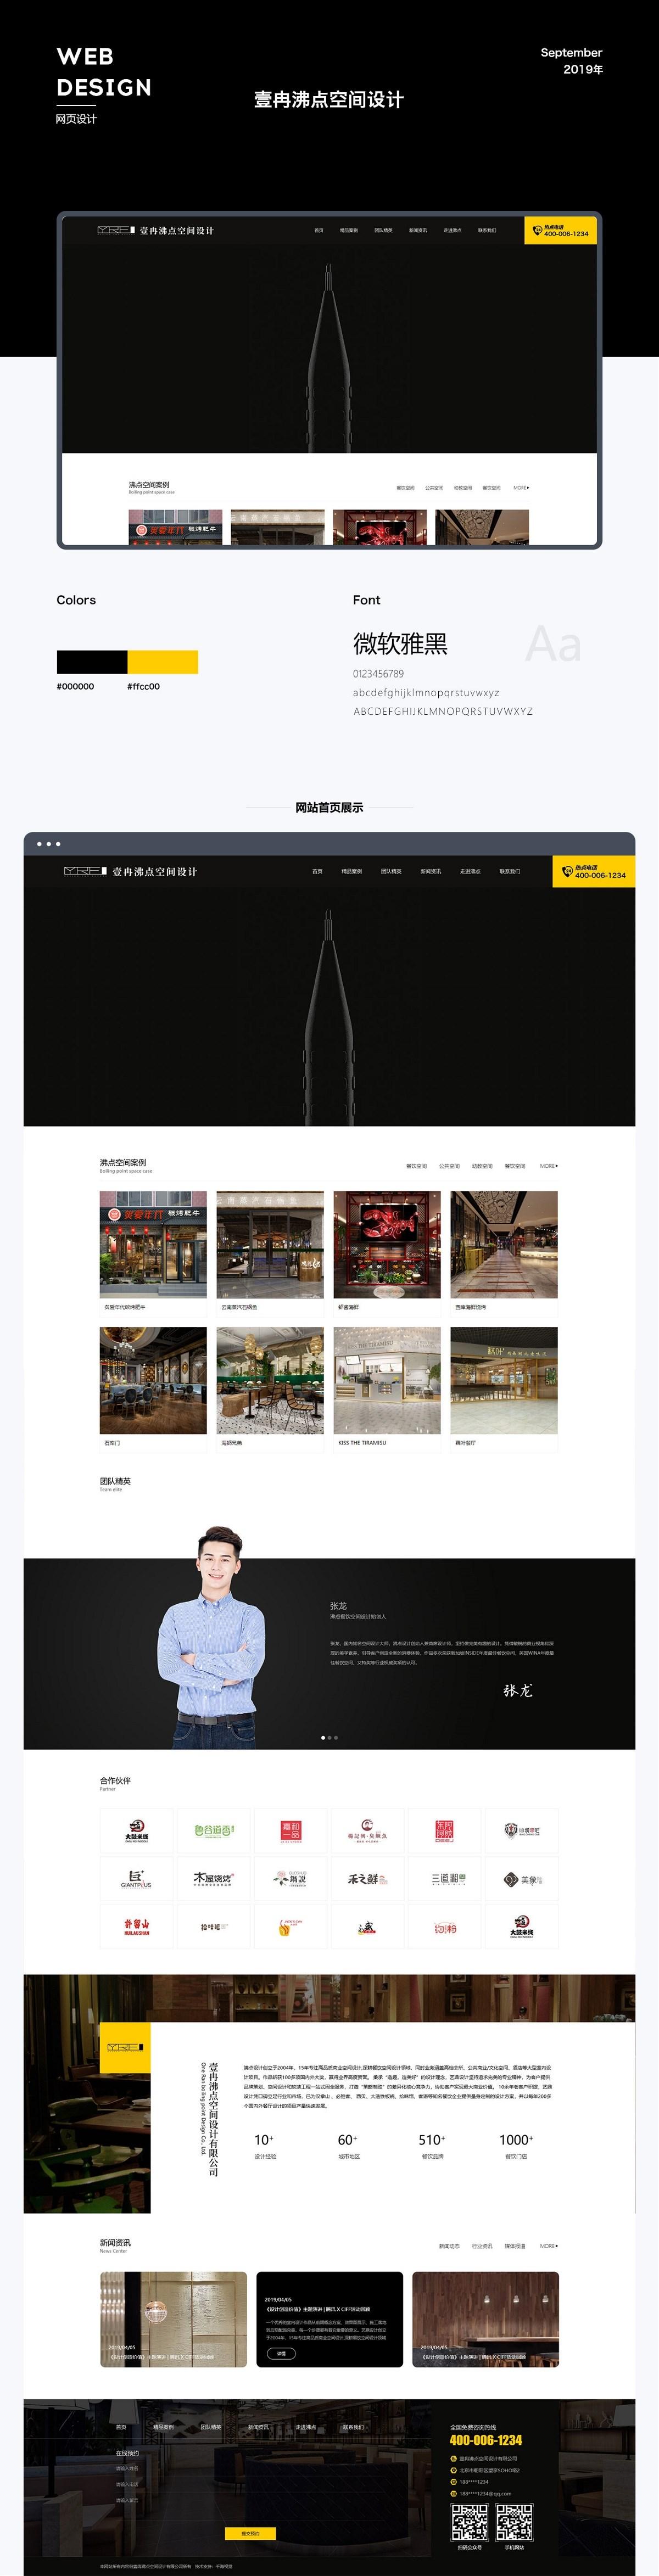 2019企业站设计作品